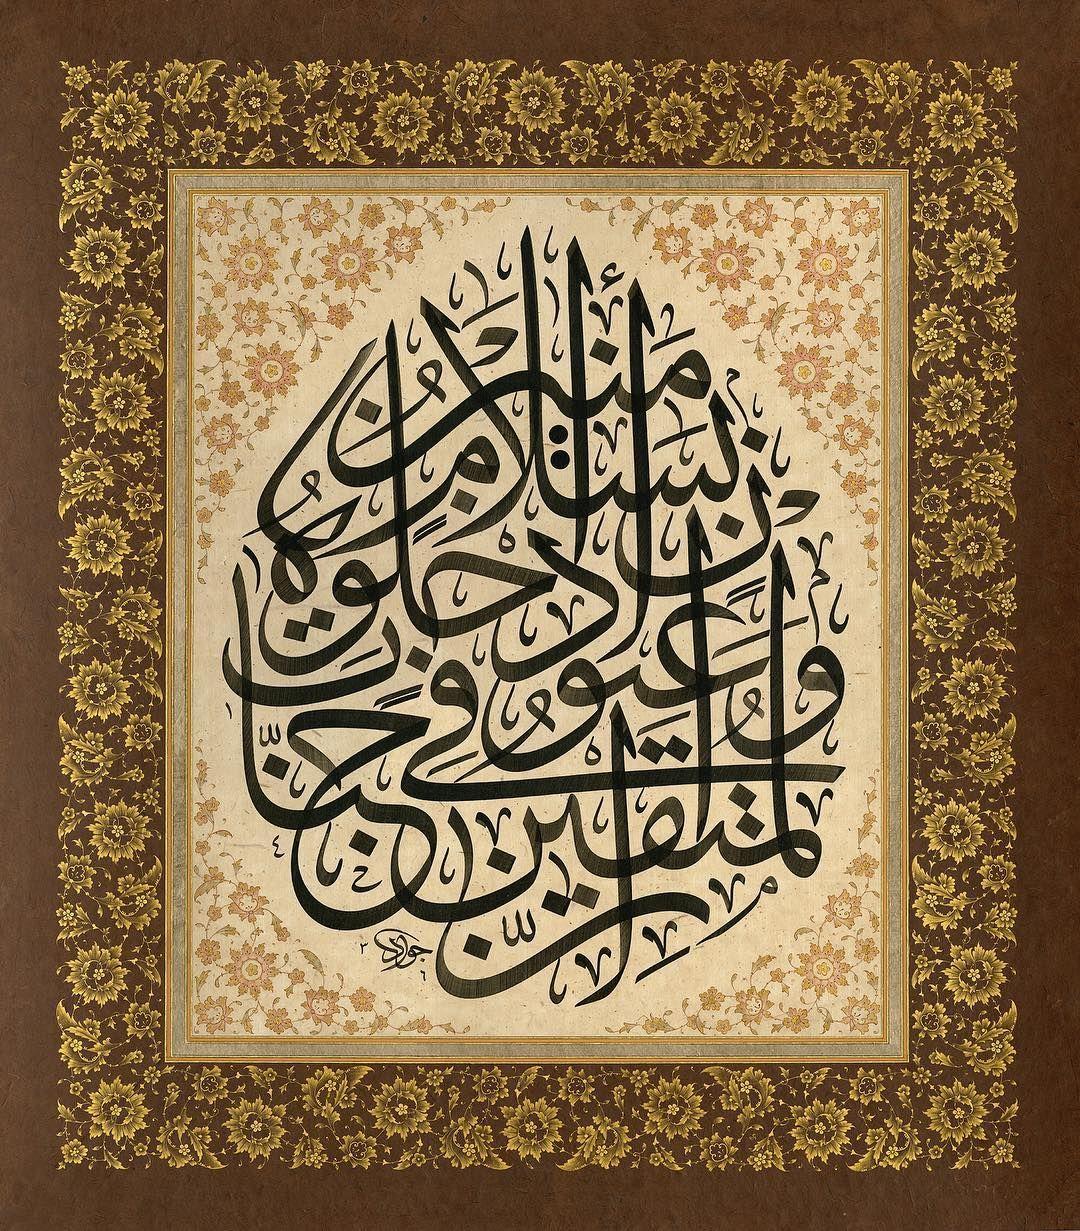 ٤٥ ٤٦ الحجر Islamic art, Islamic calligraphy, Arabic